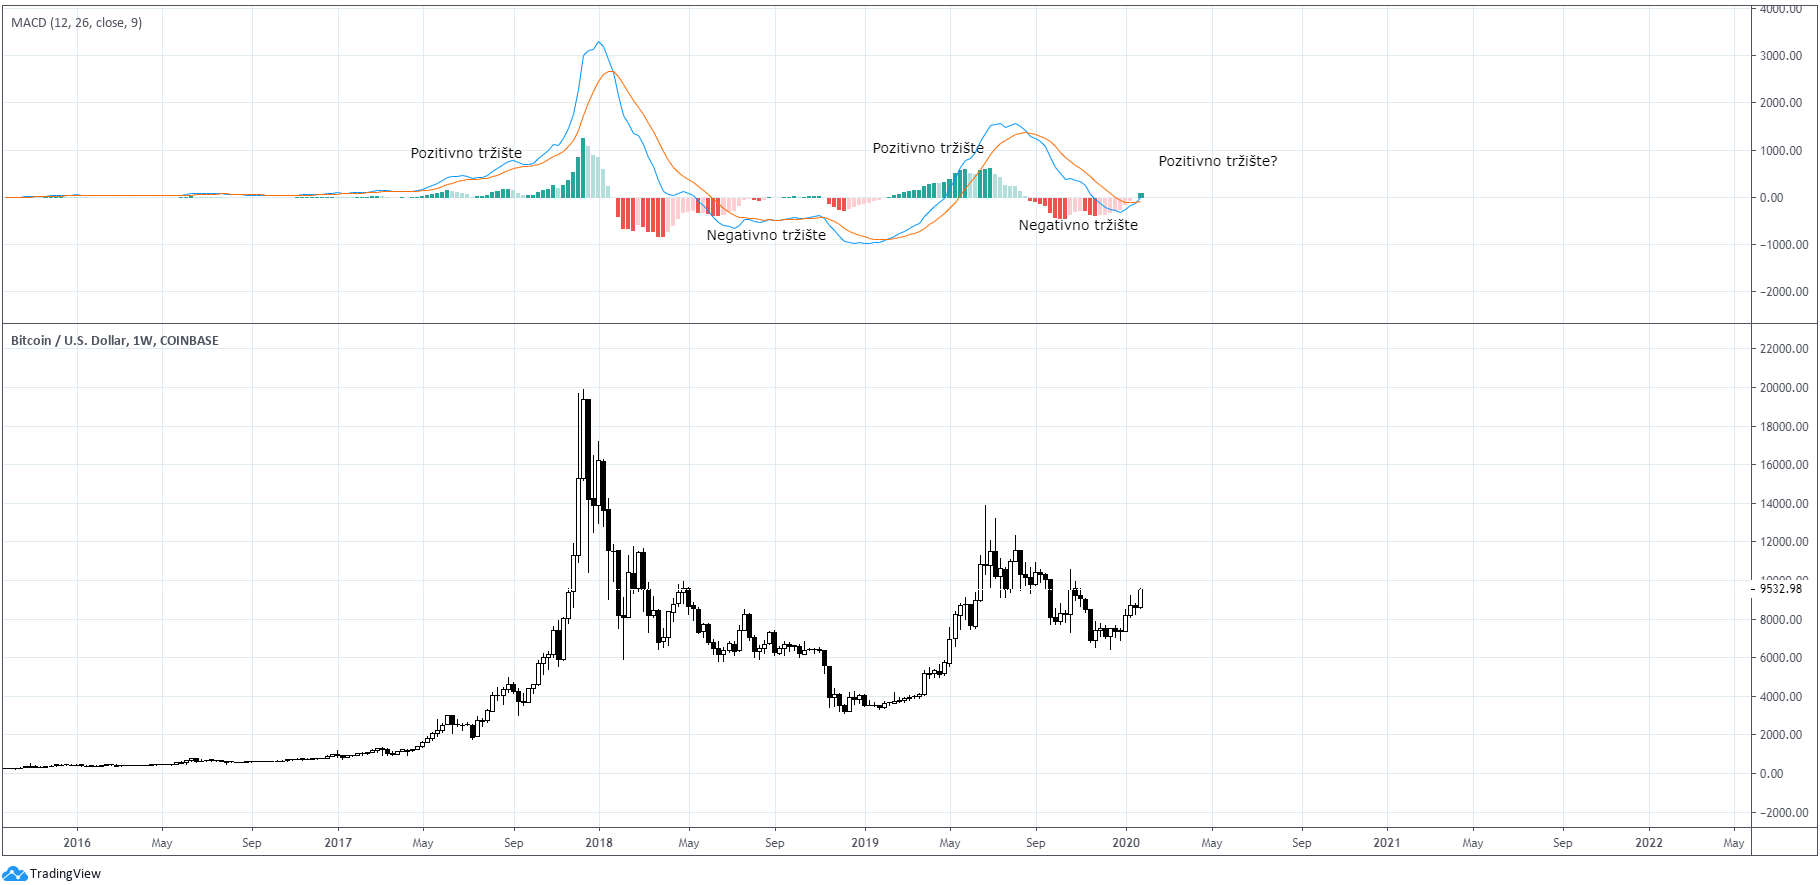 Bitkoin dolar nedeljni grafikon. Izvor: TradingView